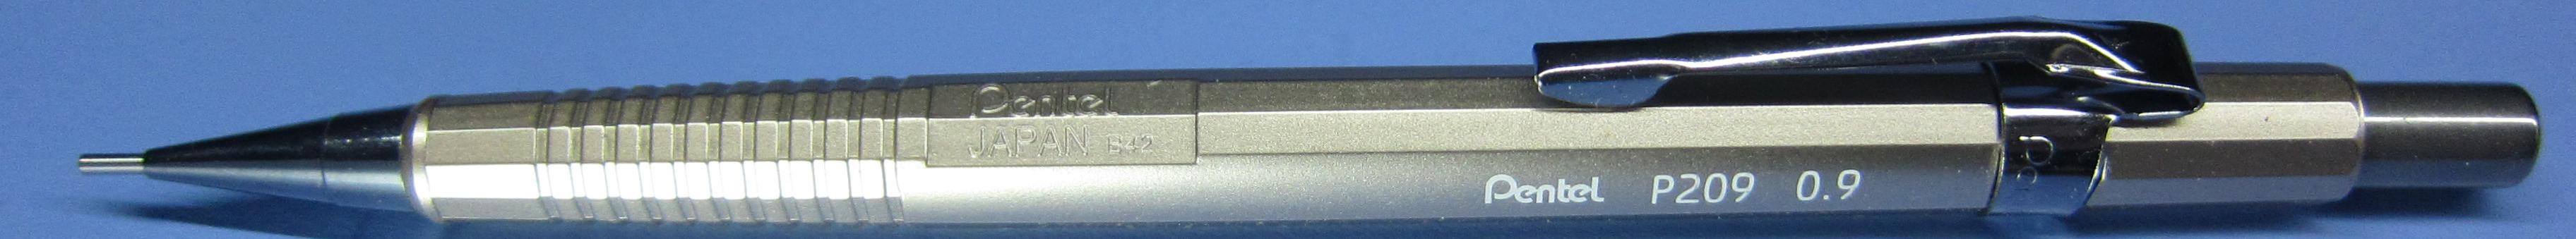 P209-X (Gen 6) - 339